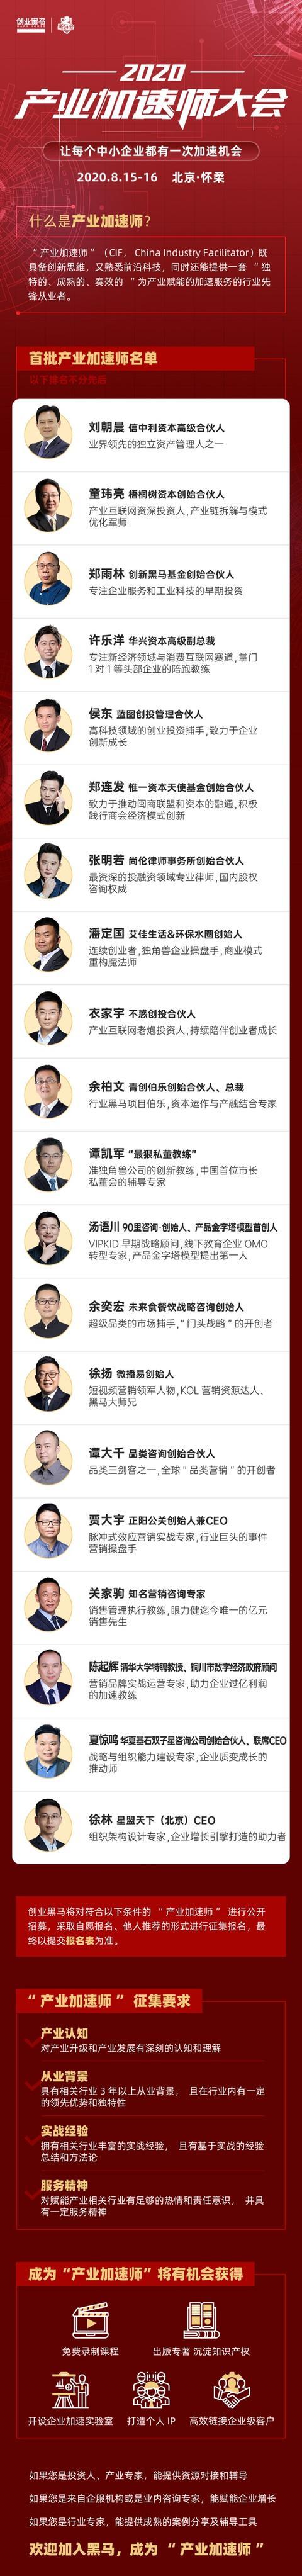 """创业黑马推出全新职业""""产业加速师"""":全中国所有的中小企业都可以加速一次"""